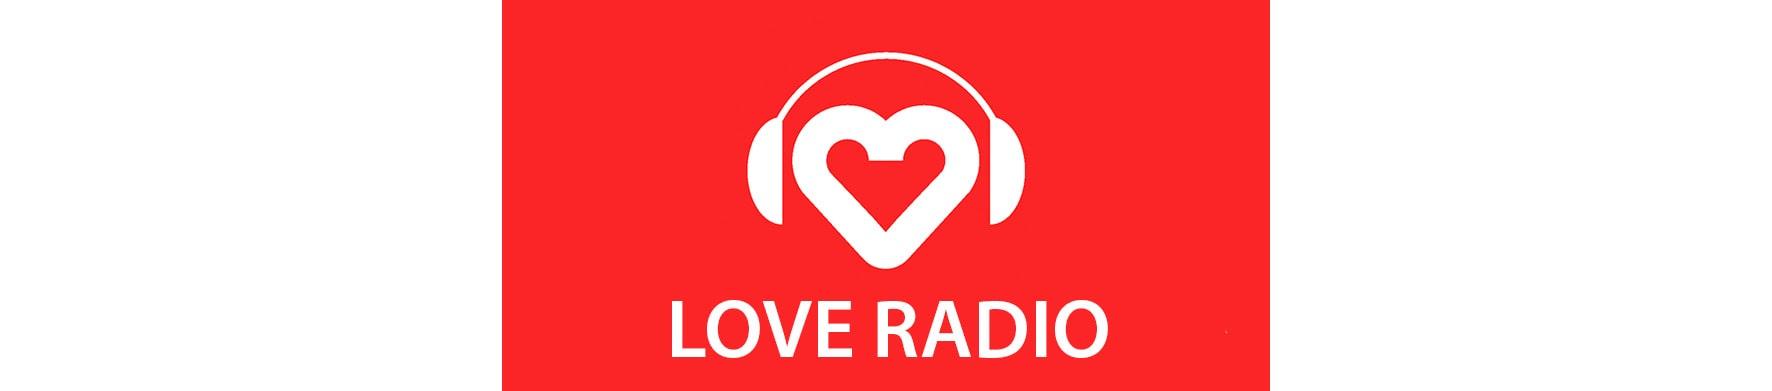 Реклама на радио в Дагестане love радио